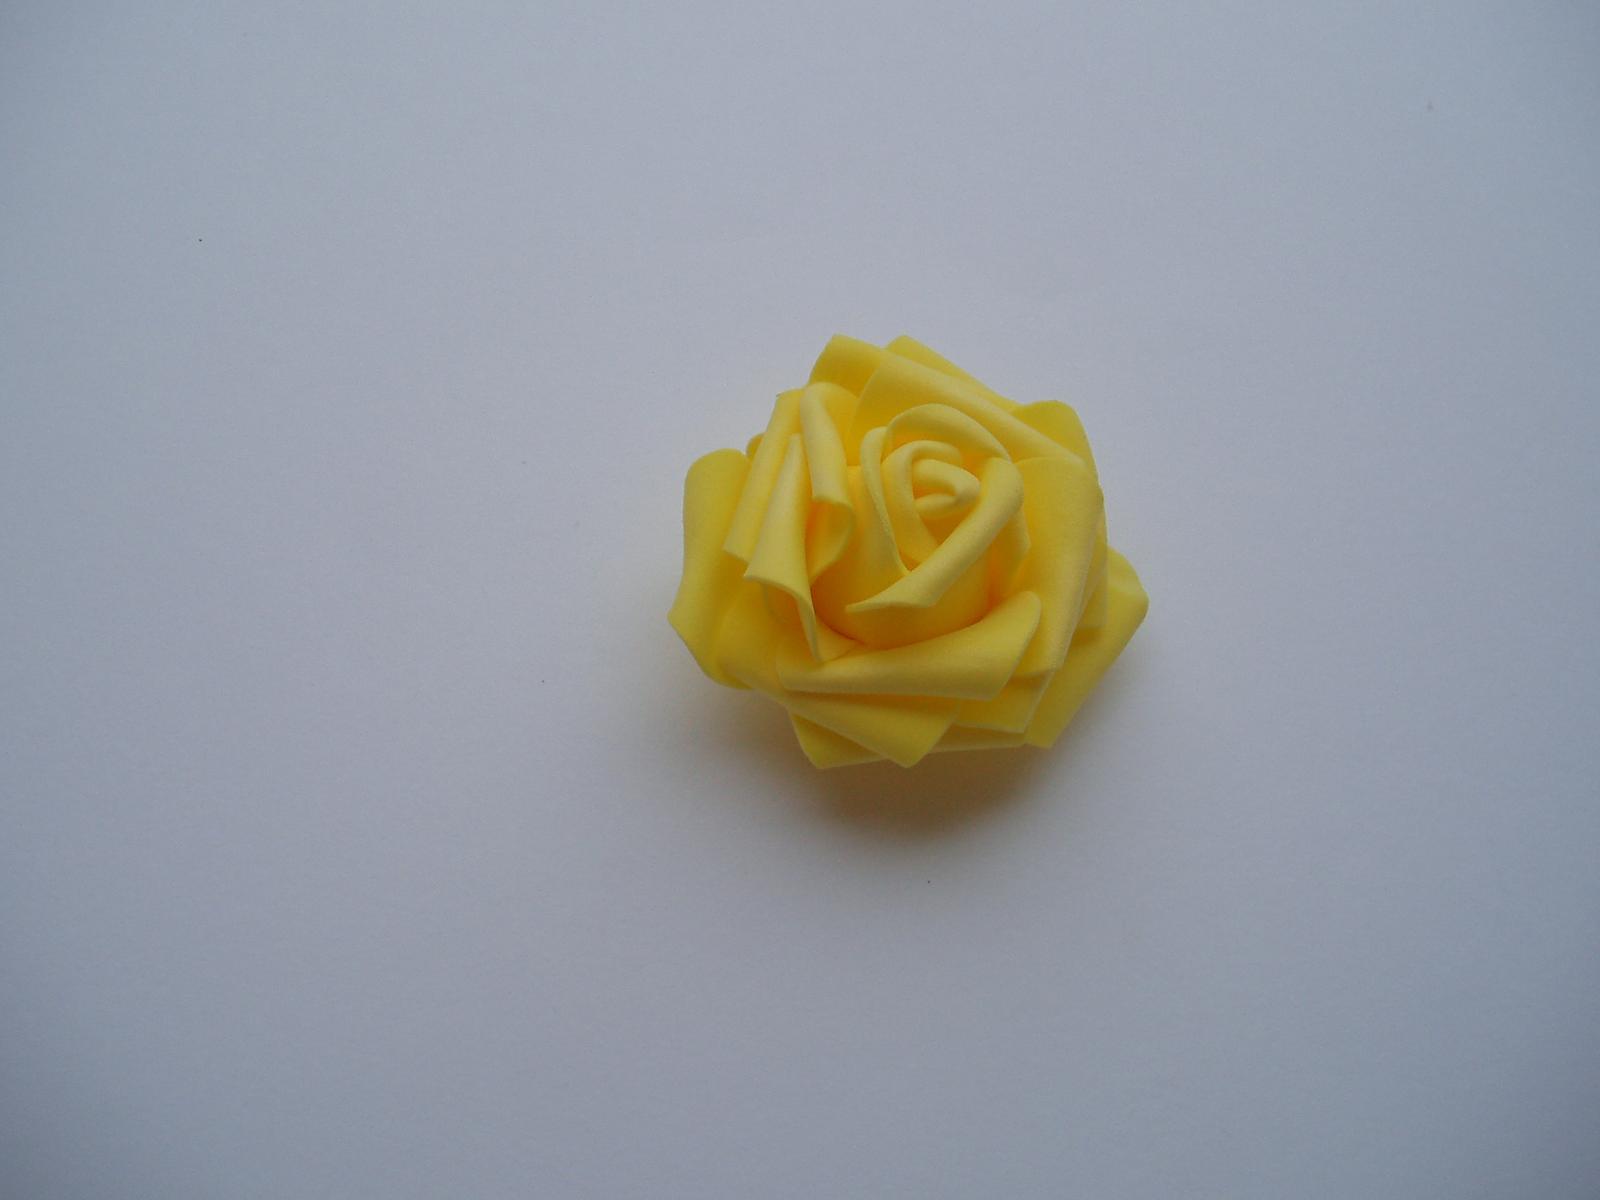 pěnová růže-žlutá - Obrázek č. 1